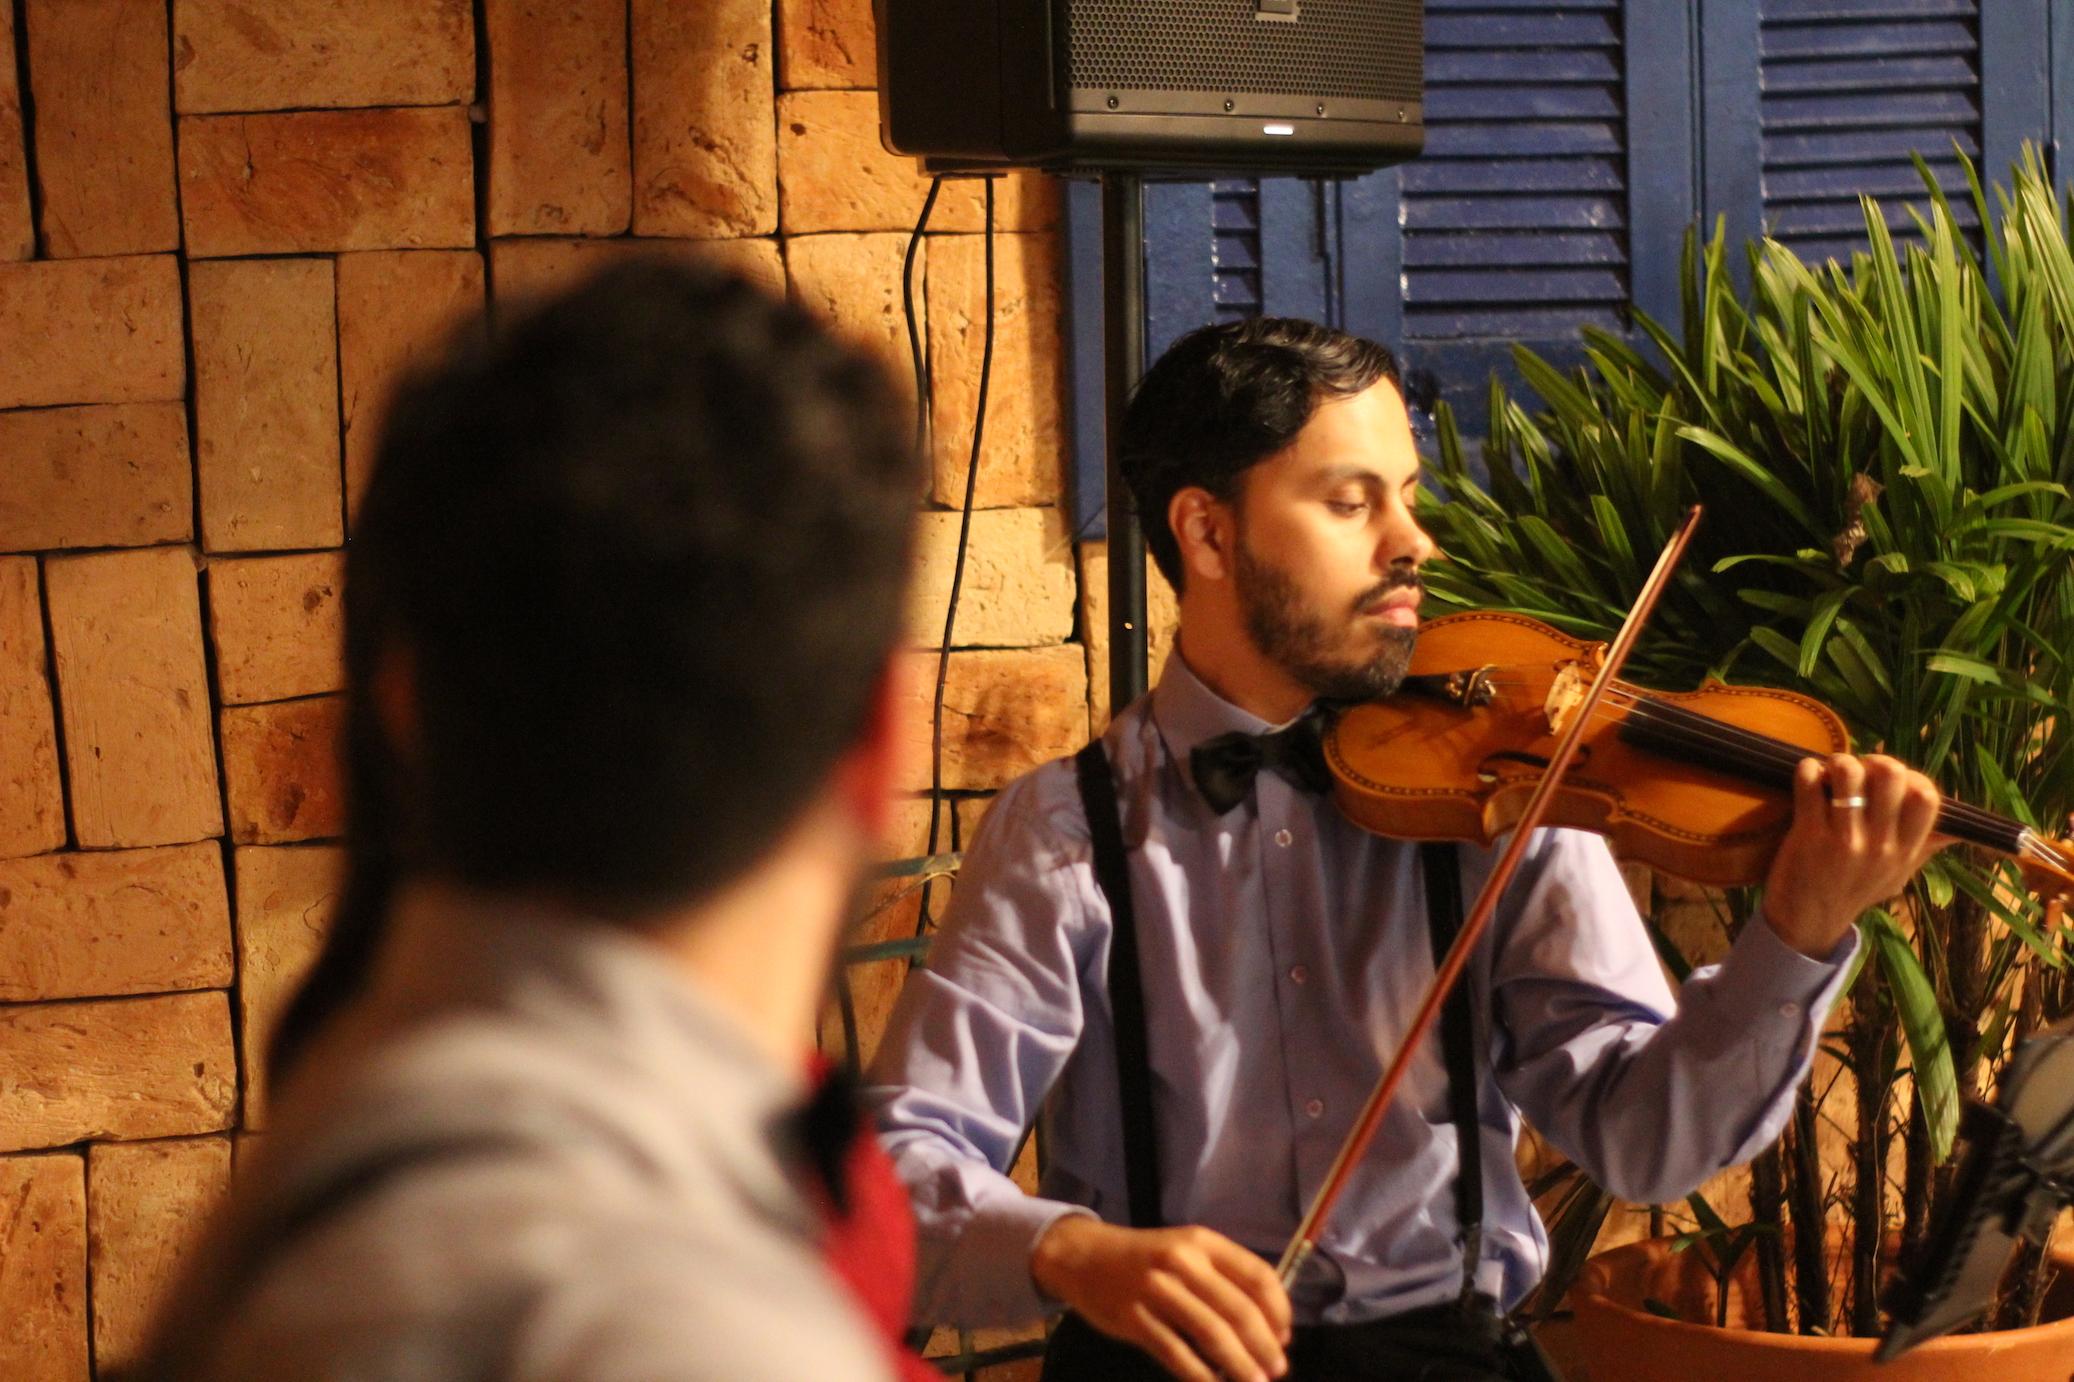 Casamento Mayara e Rodrigo Voz Violao e Violino 01